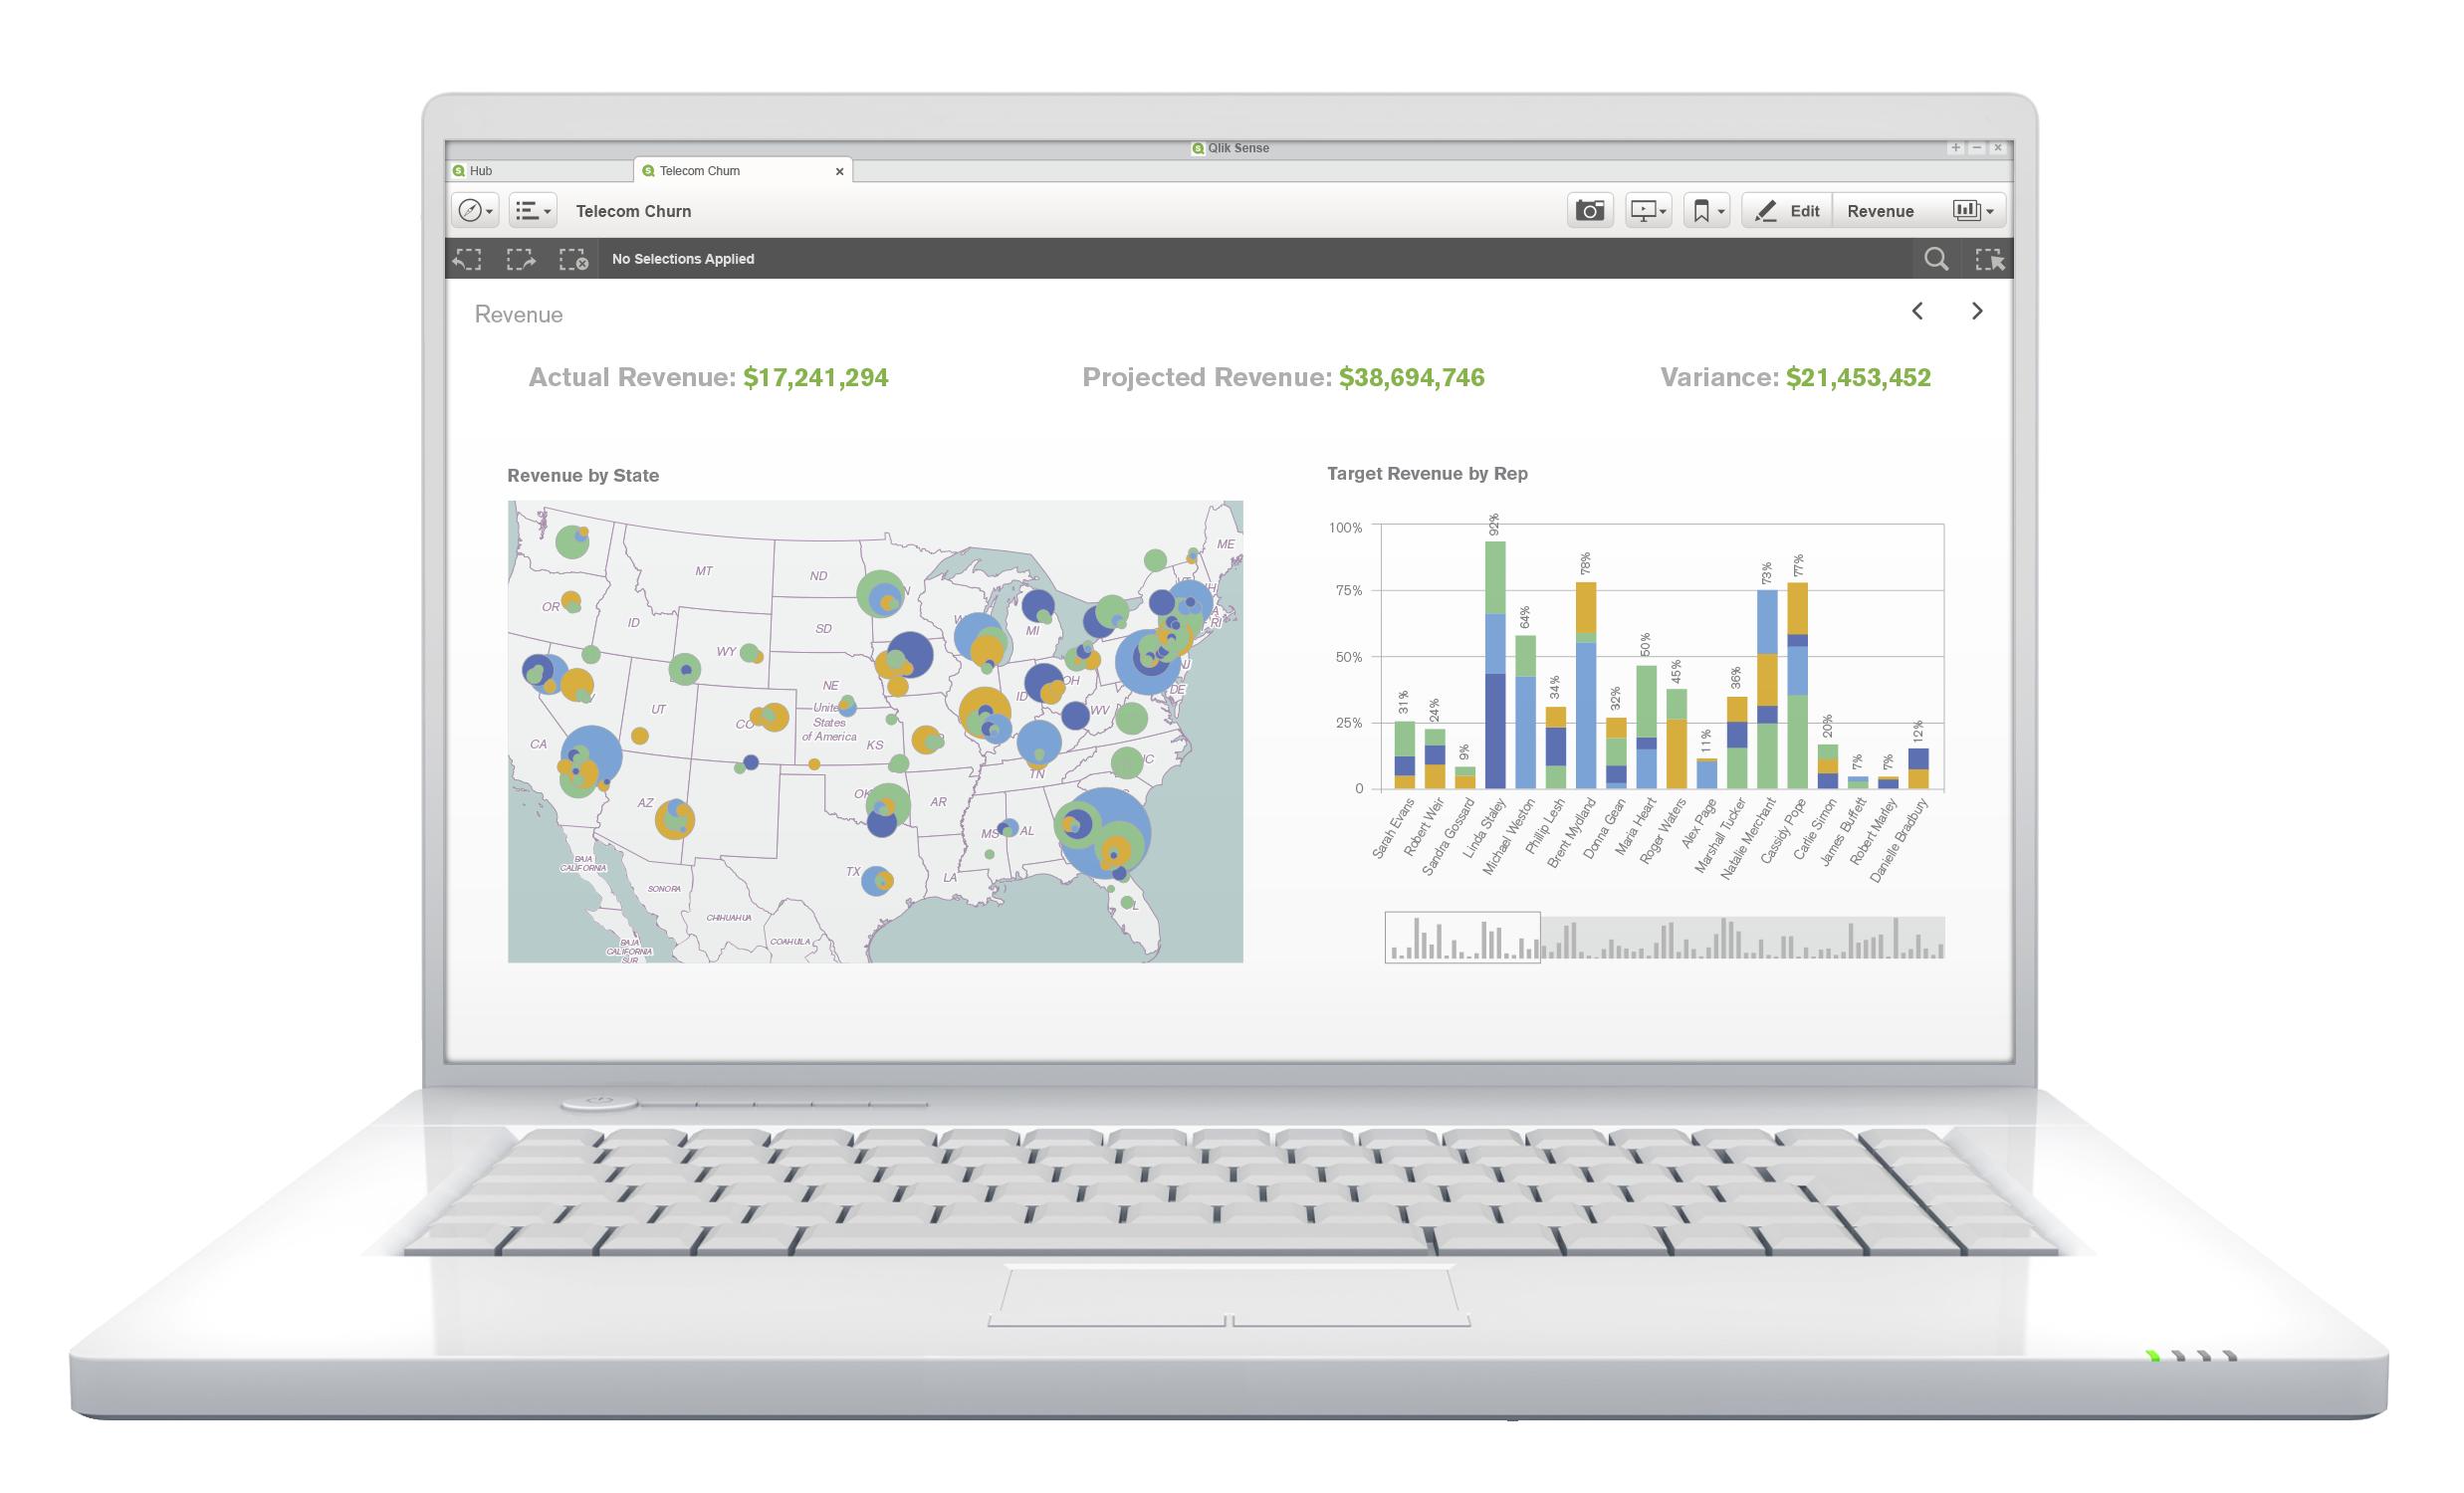 SenseGA Laptop 02 TelcomChurn 02 - GDPR: 7 oblastí ochrany dat, kde víme účinně pomoci